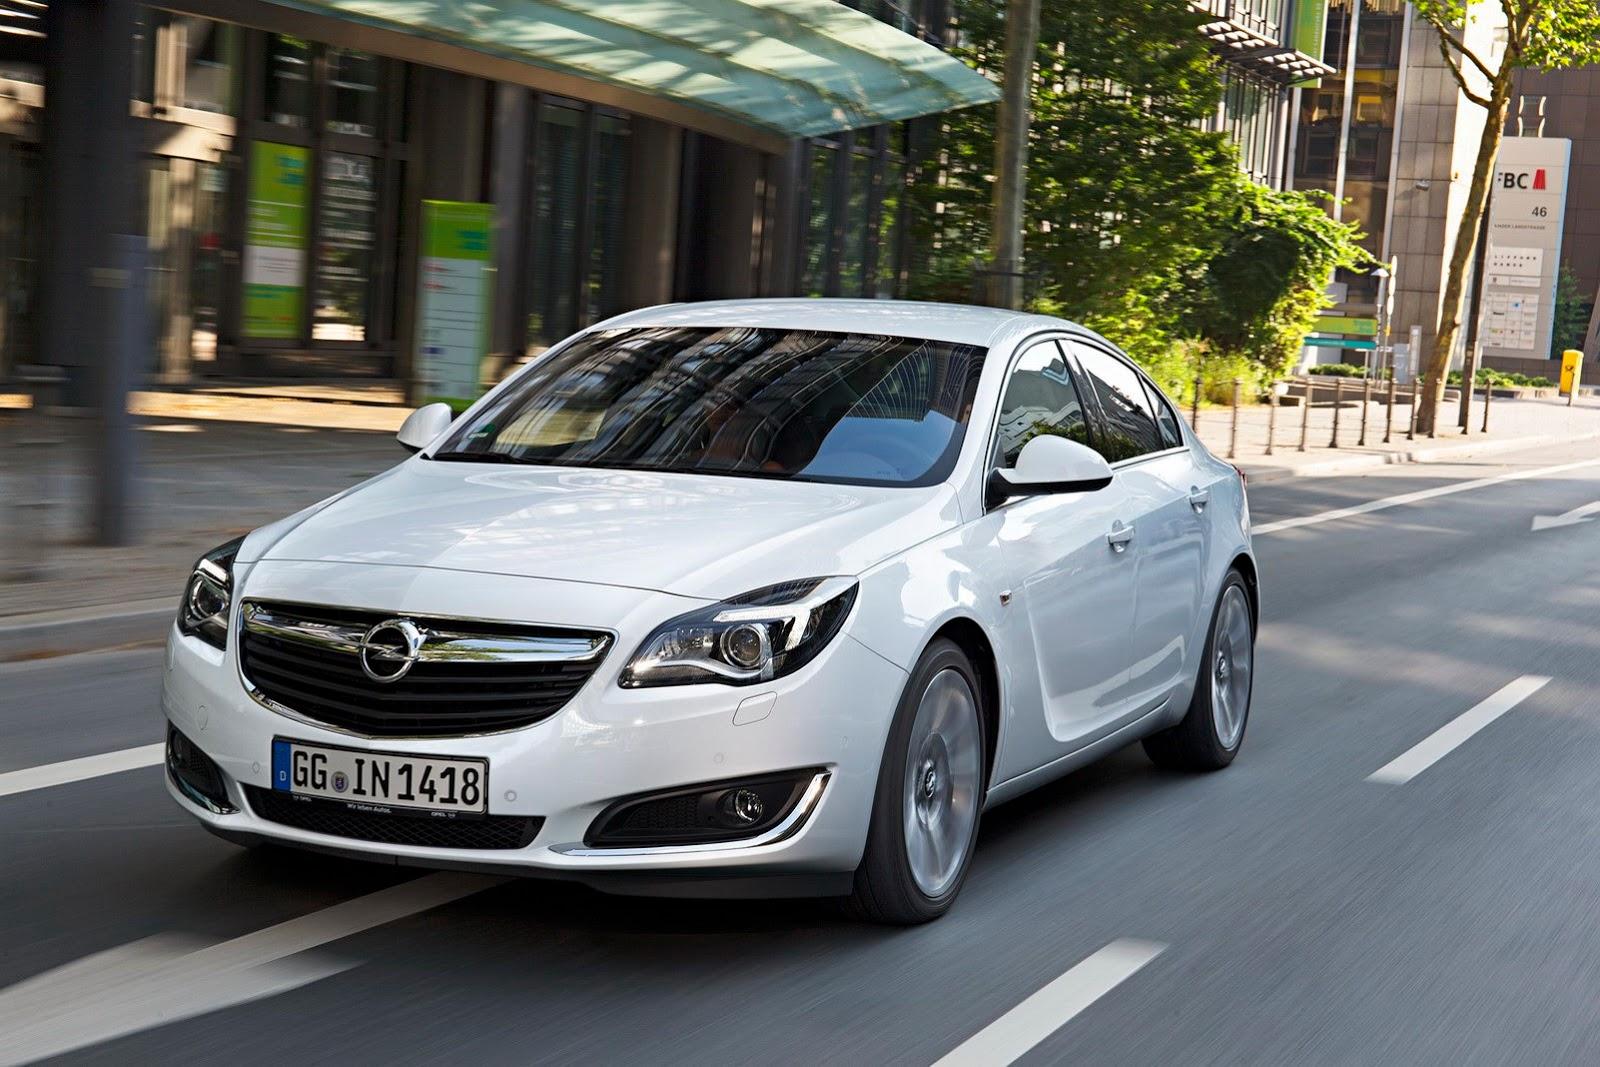 Opel-Insignia-FL-46%25255B2%25255D.jpg